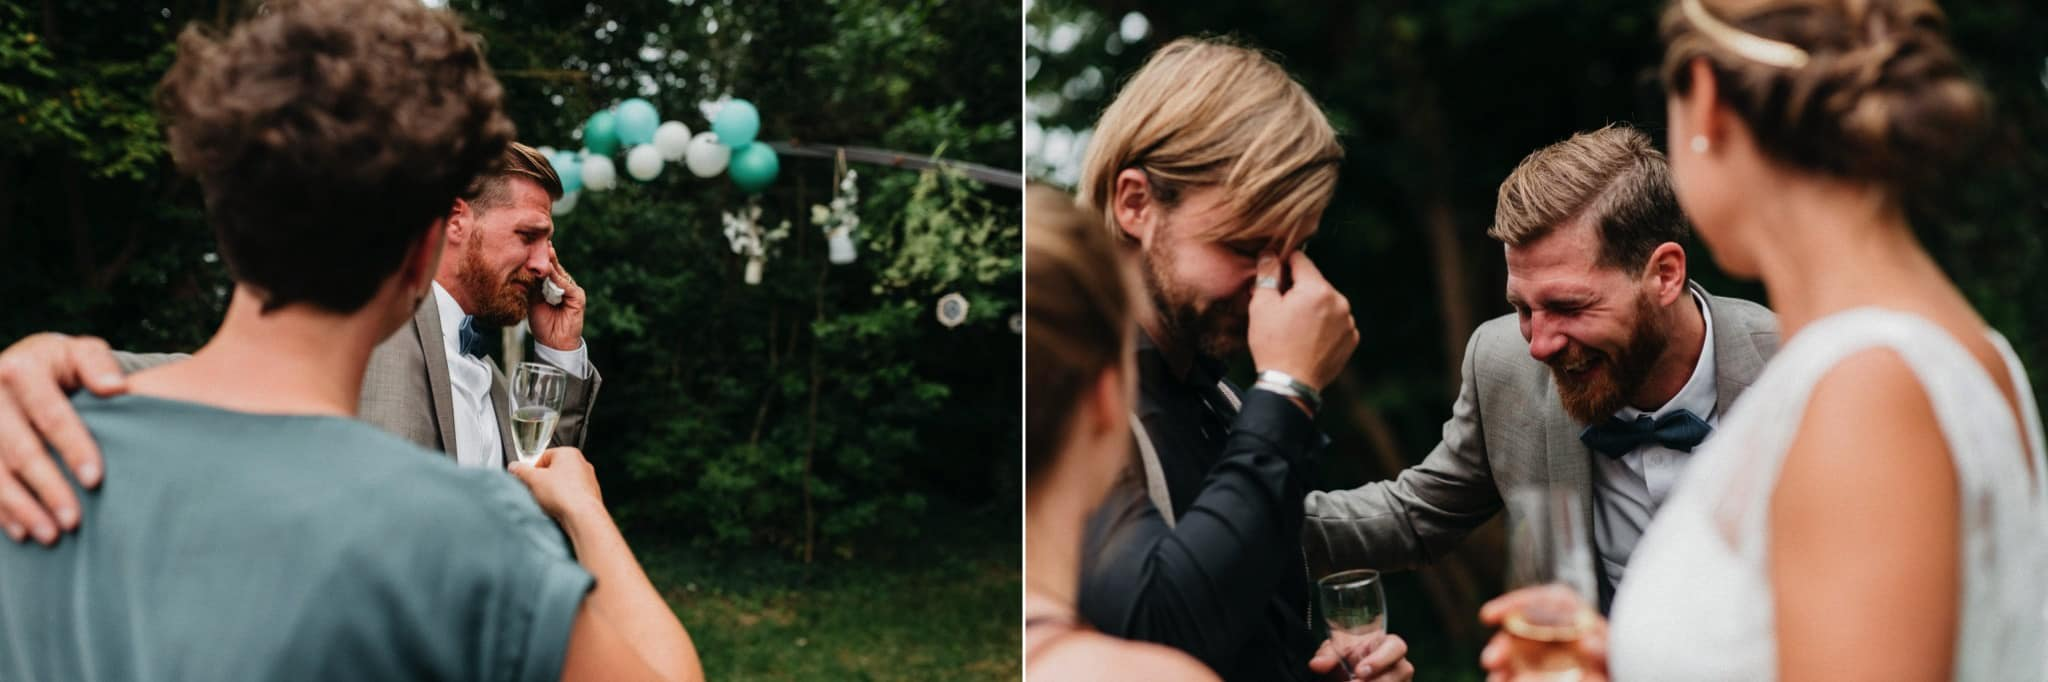 Hochzeit feiern in Mattis Wiesenmühle, Rheinhessen